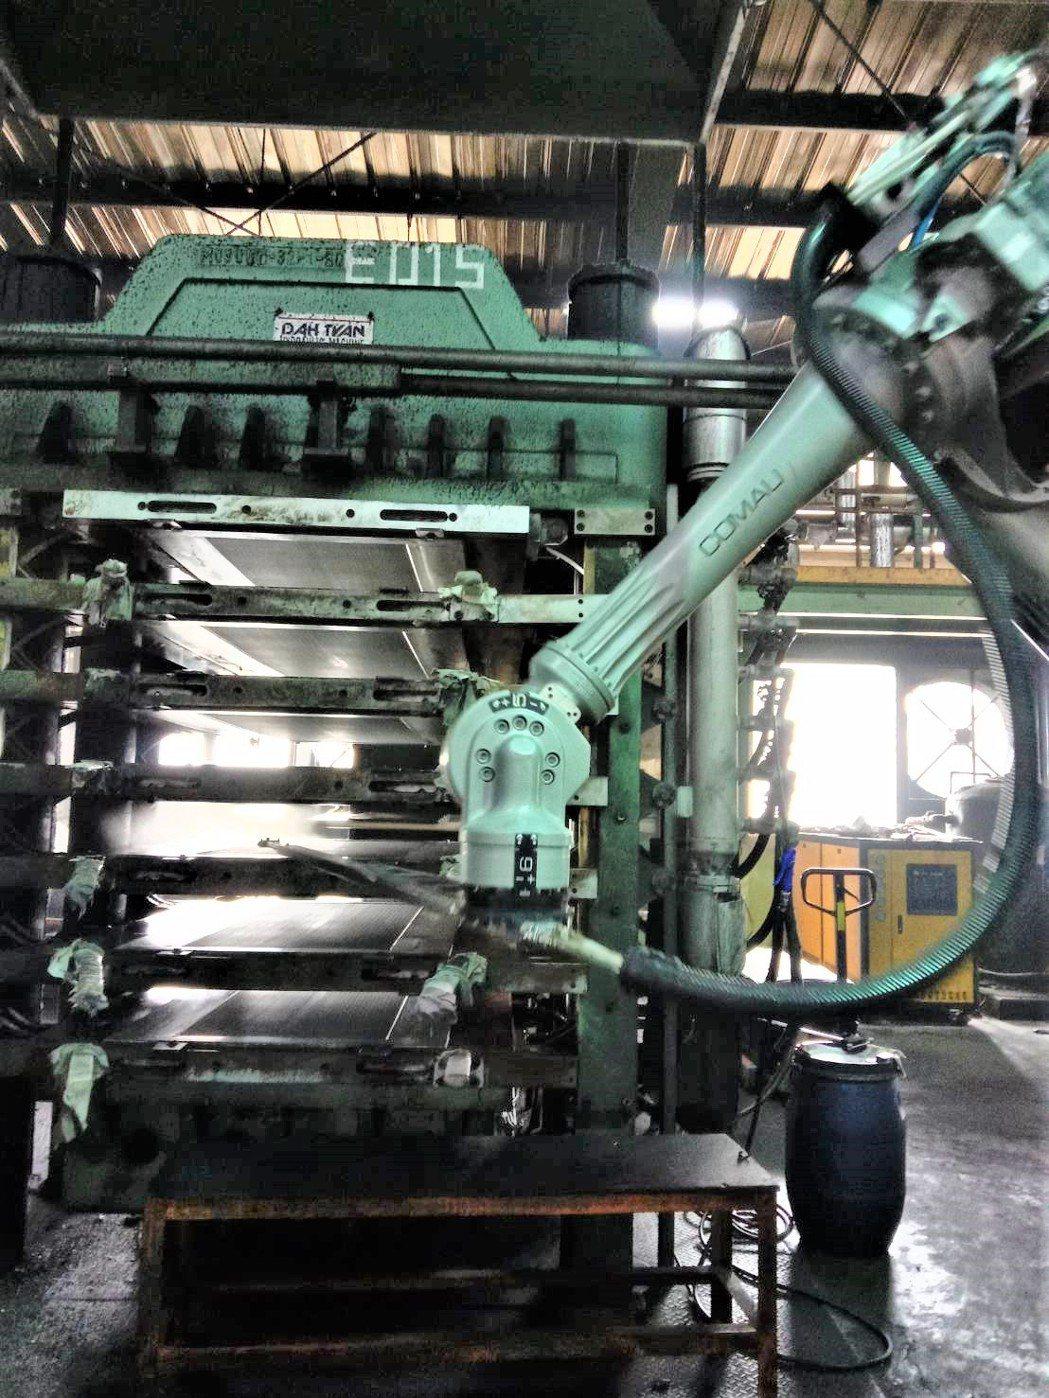 導入機器人自動化進行模具清潔及離型劑噴塗,可避免工安事件發生,提高良率及產能。